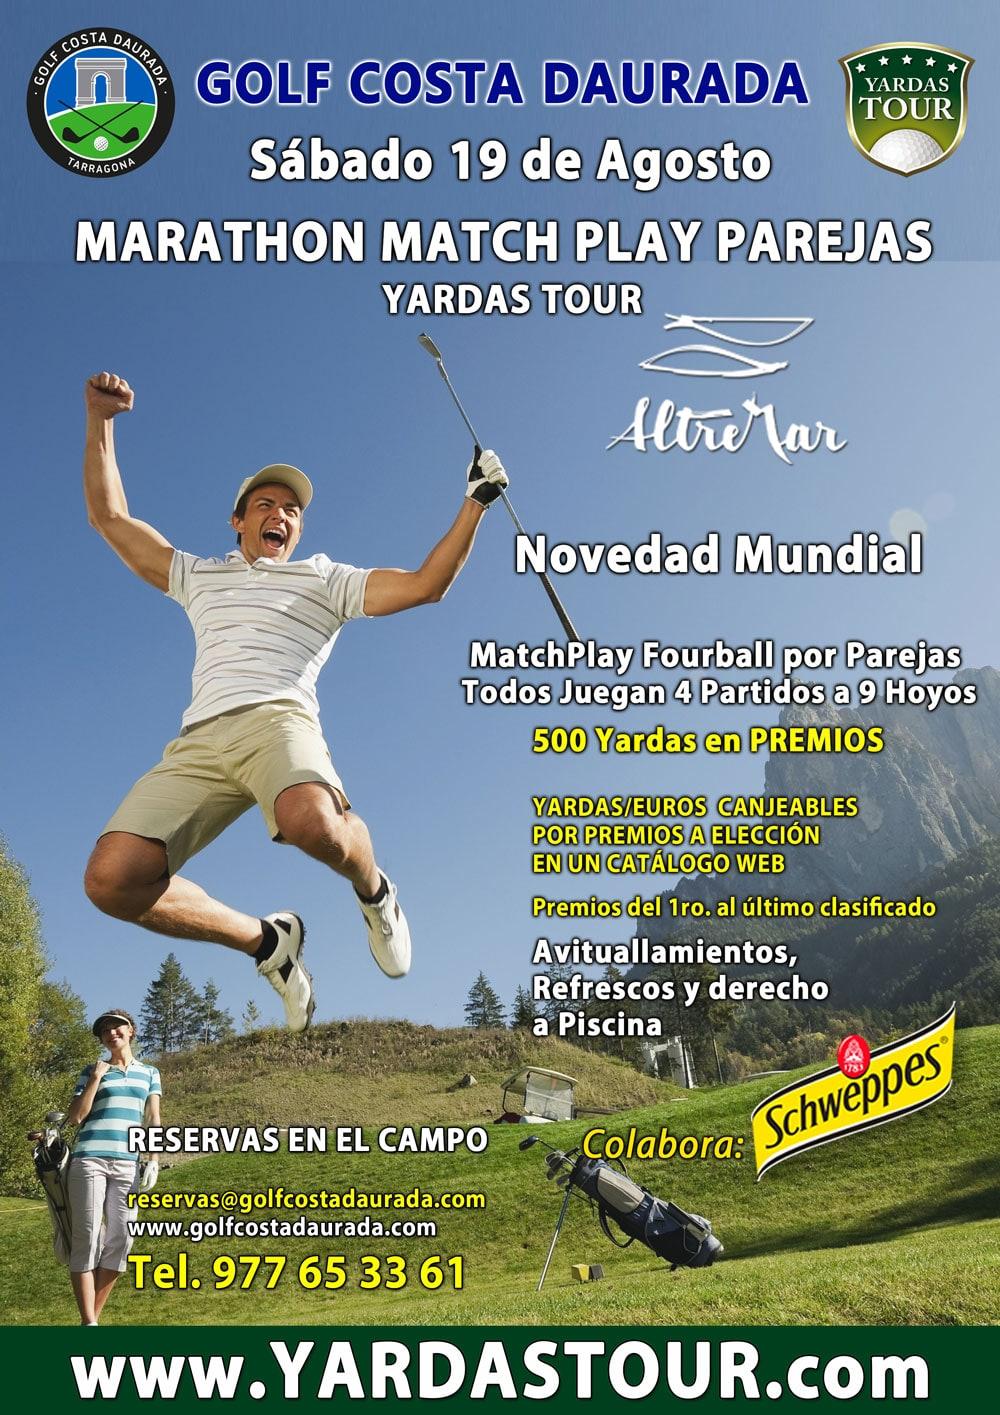 Marathon Match Play por Parejas – Sábado 19 de Agosto